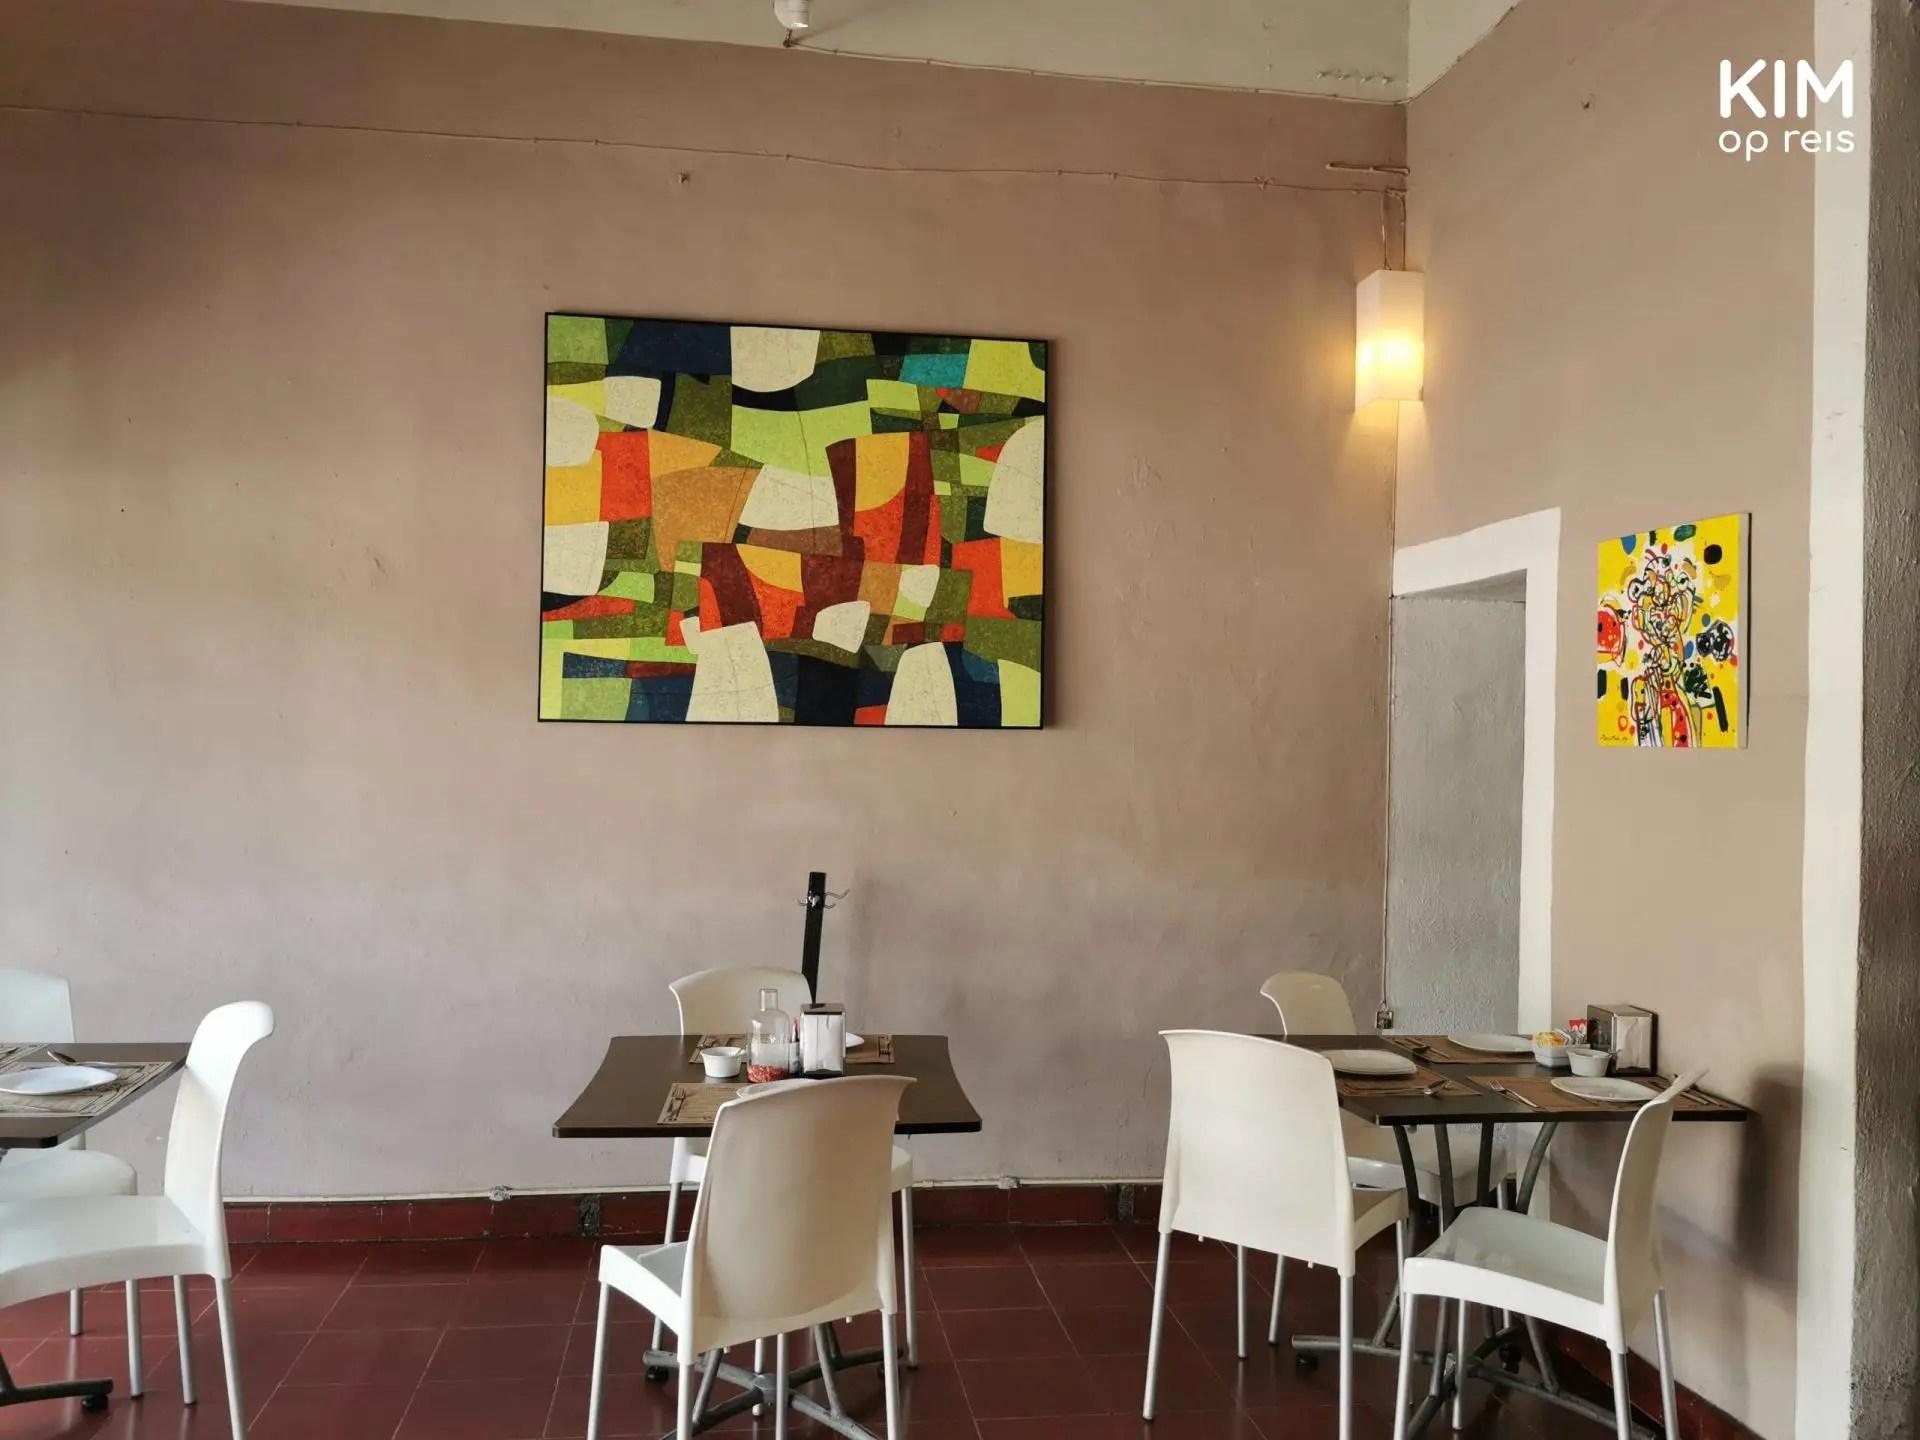 El Manjar Blanco: sober interieur met plastic stoelen, een tweetal fleurige schilderijen haalt het geheel op